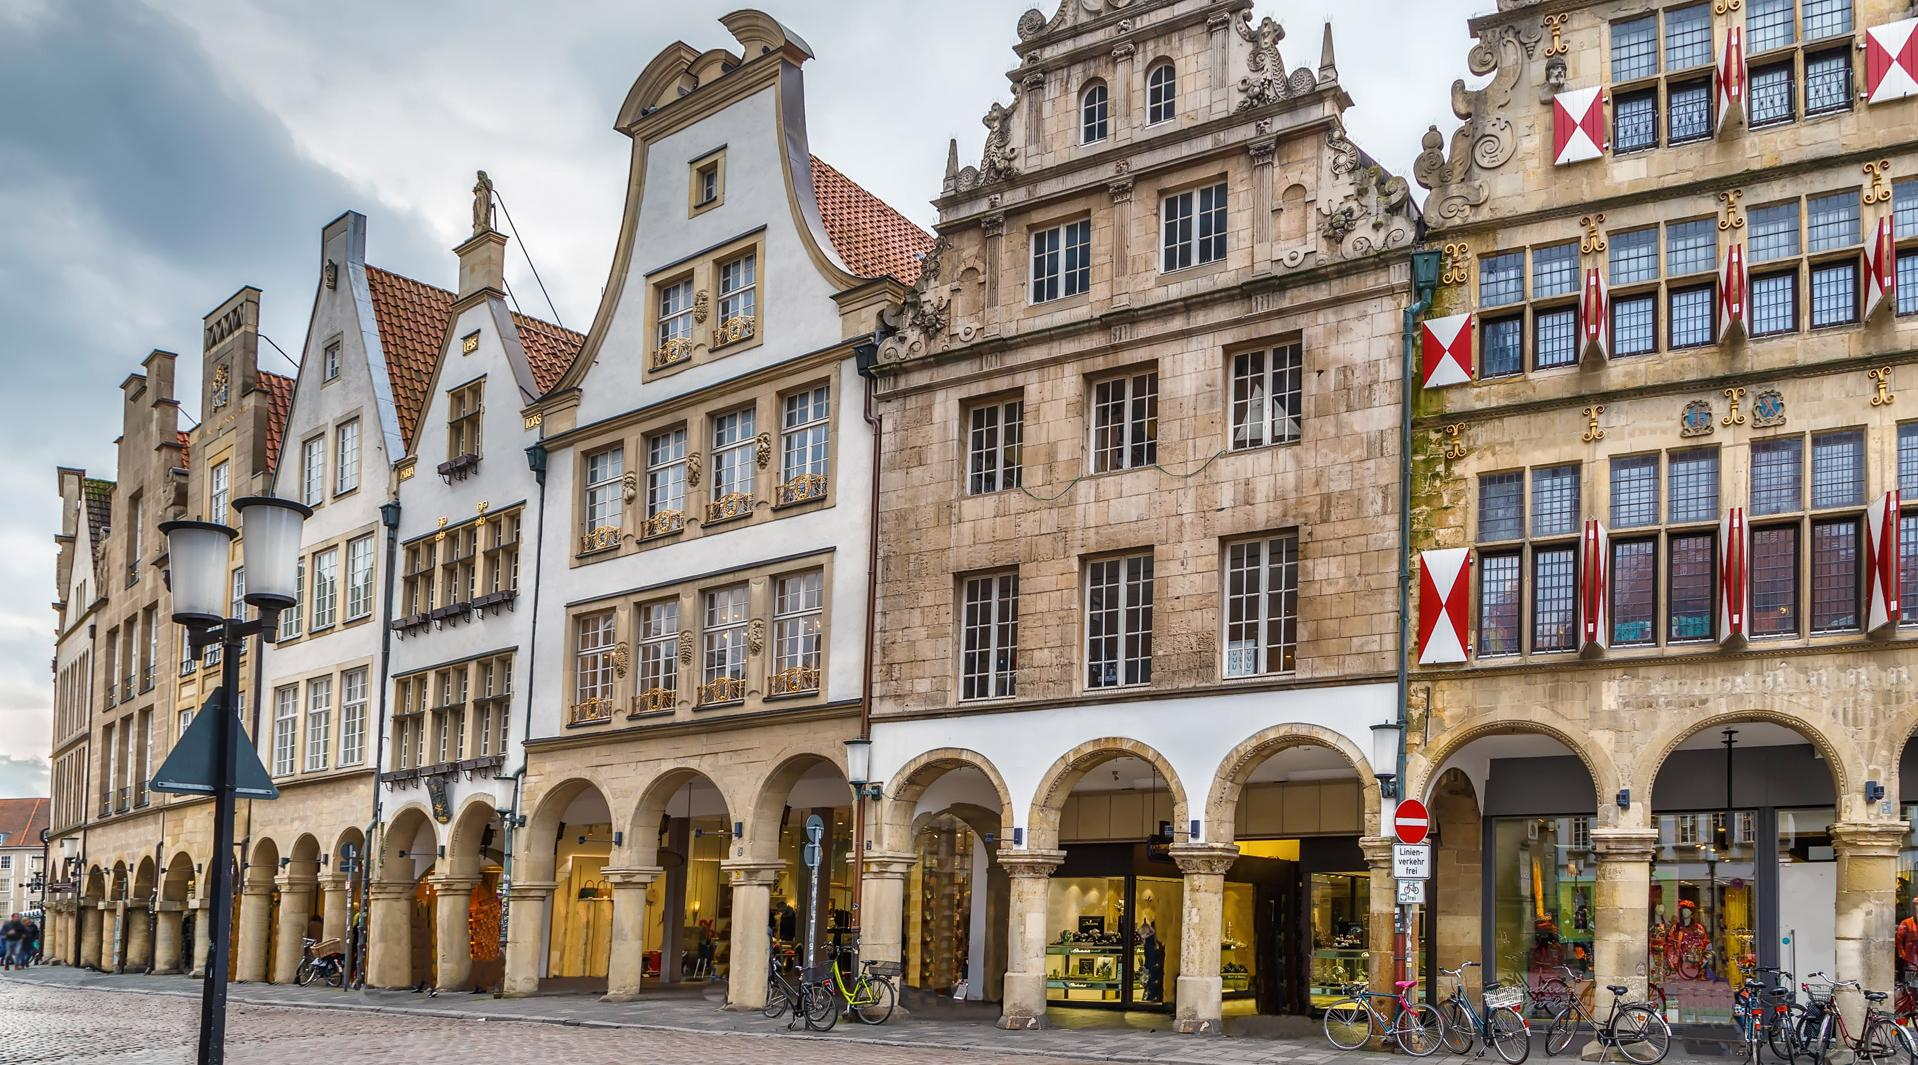 Ansicht des Münster Prinzipalmarkt mt seinen unter Denkmalschutzstehenden Giebelhäusern.